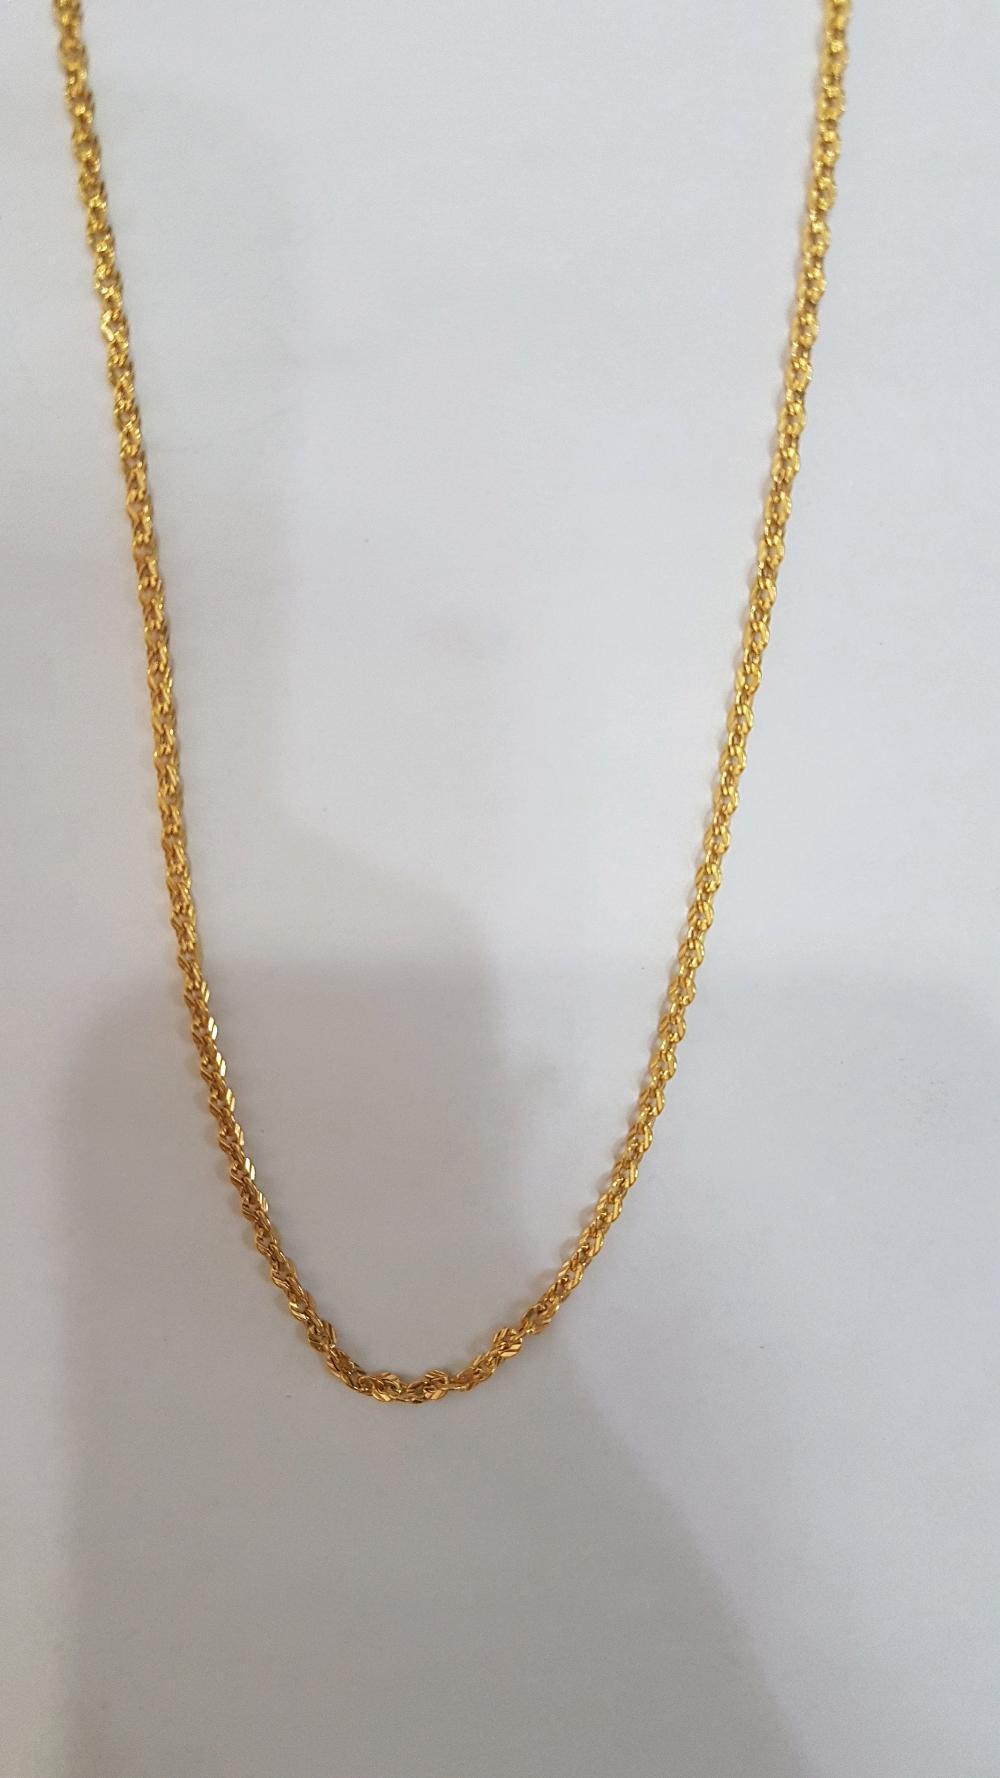 Kumpulan Harga Kalung Emas Per Gram November 2018 Lengkap Tiaria 24k Special Gold Coin Bar Logam